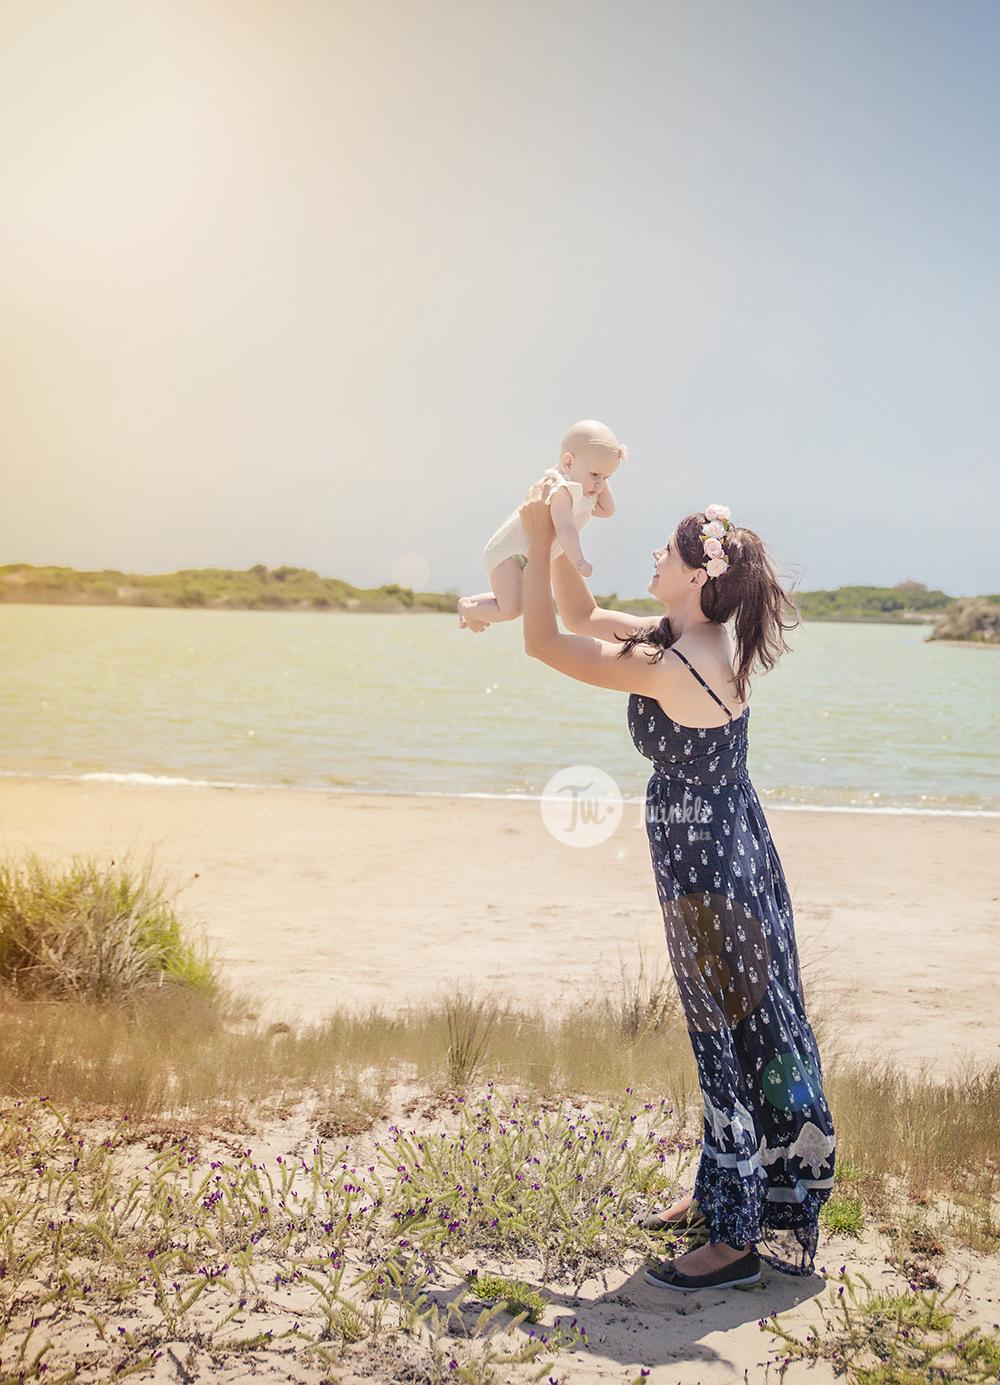 Sesión de fotos bebé y mamá_14